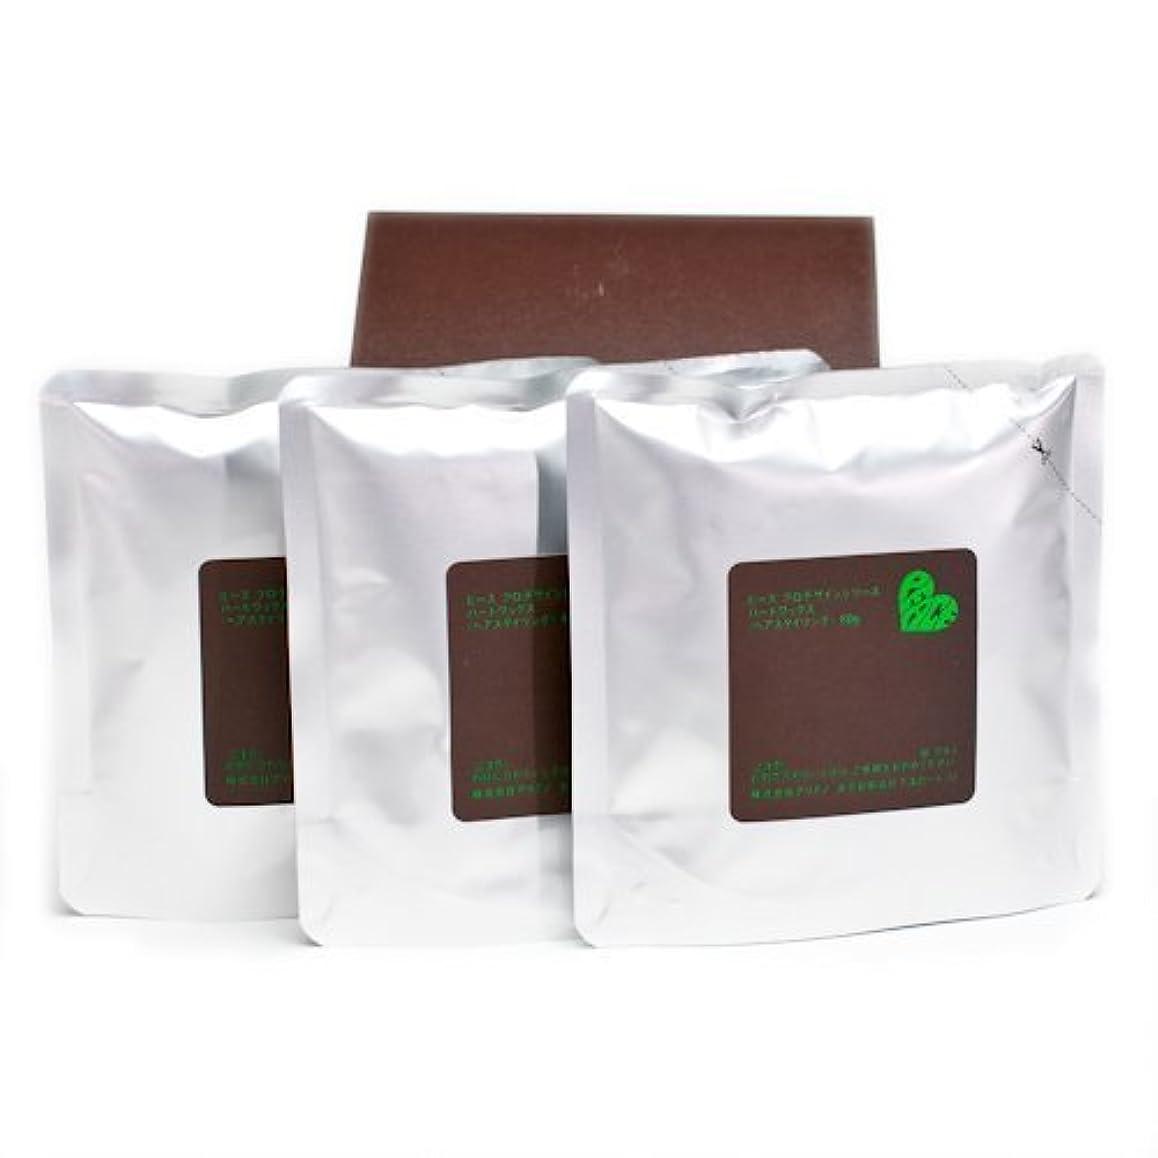 収入調整可能麦芽アリミノ ピース ハードワックス (チョコ) 80g(業務?詰替用)×3個入り